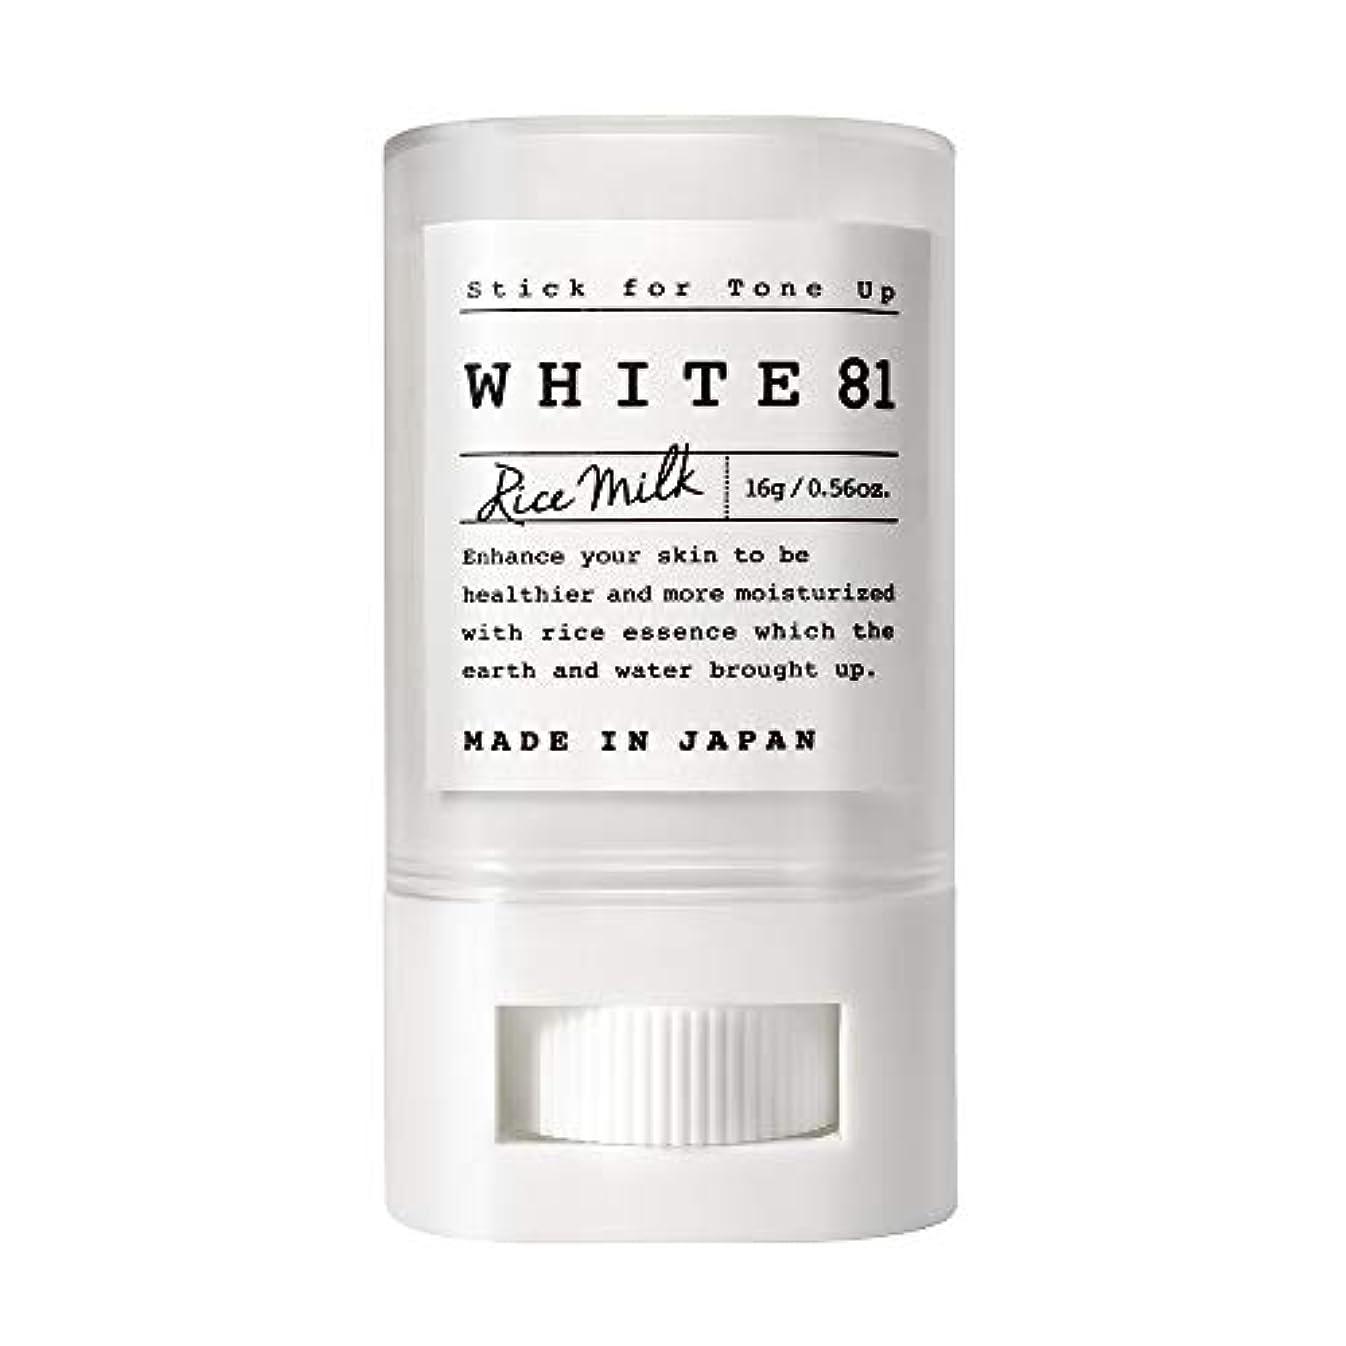 モンキーロデオアルプスWHITE81 ホワイト81 トーンアップスティック(化粧下地?日焼け止め / SPF35?PA+++?ウォータープルーフ?複合保湿成分配合?肌に優しい6種のフリー / 日本製)